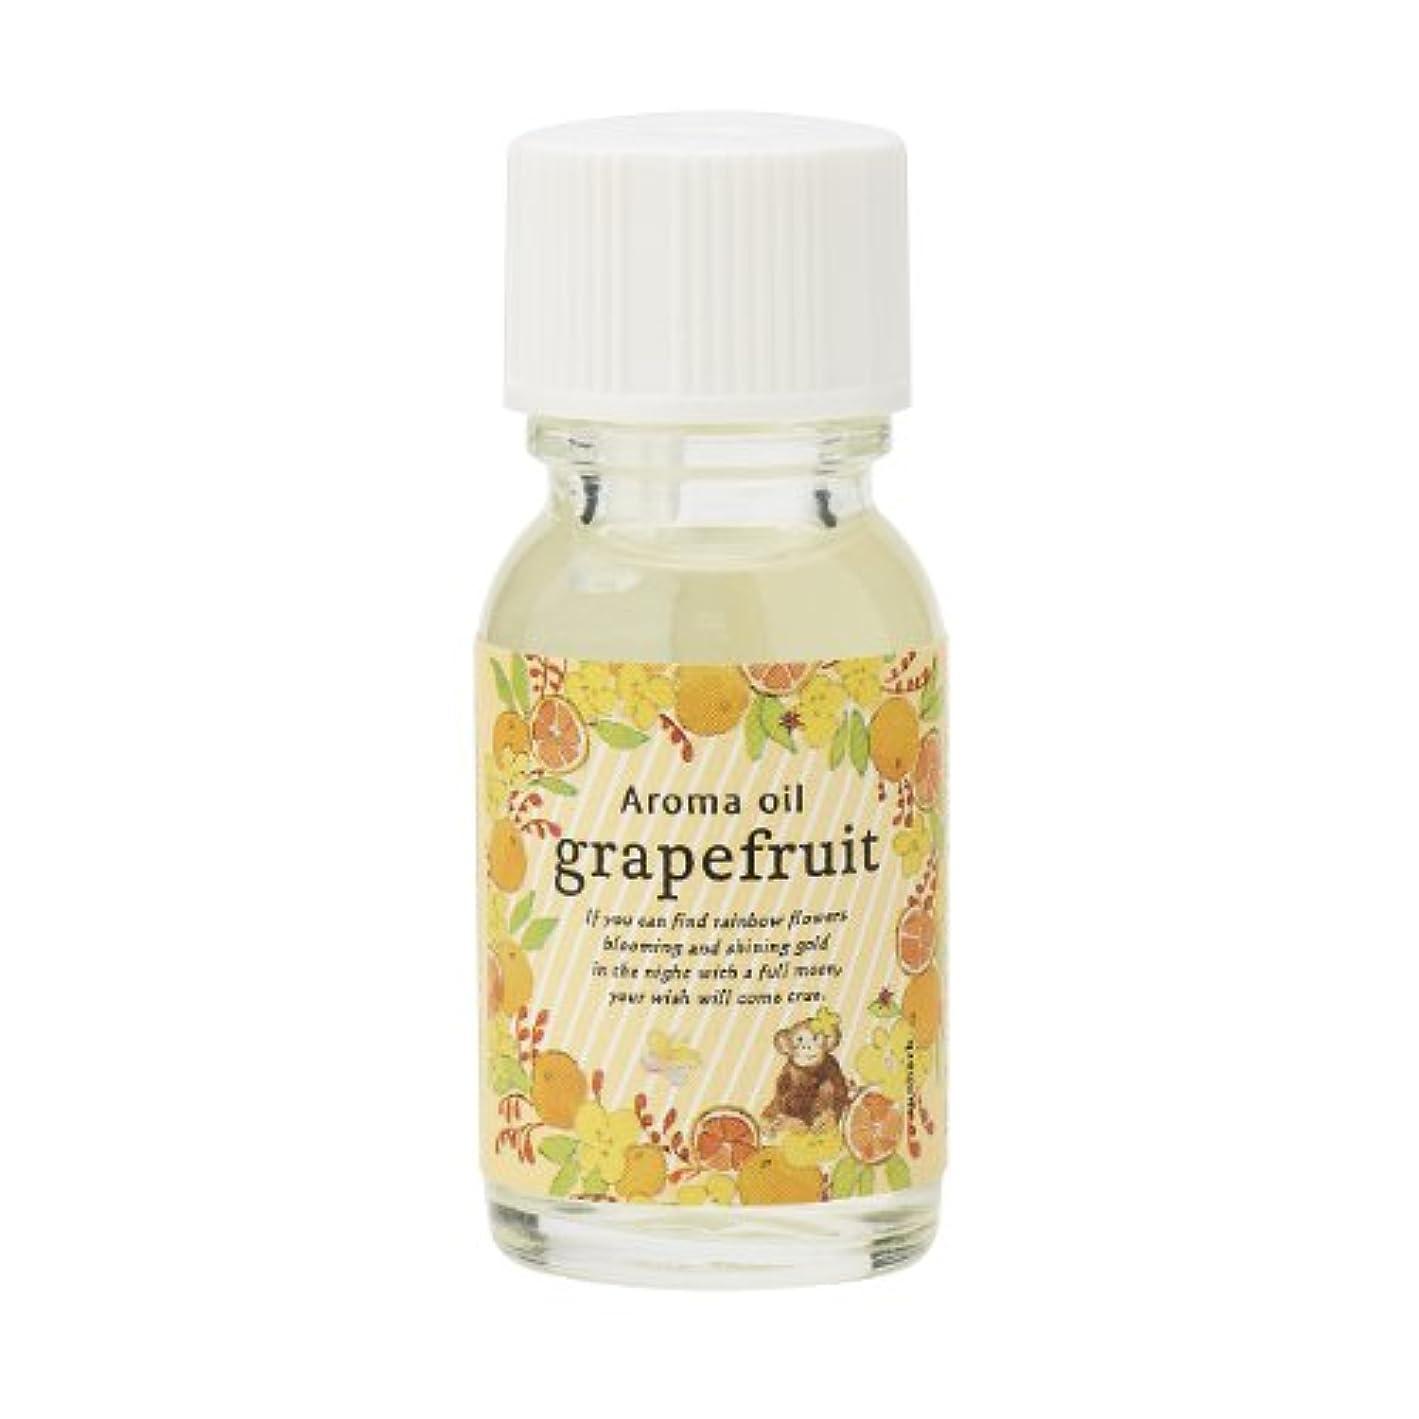 ターミナル抱擁プロペラサンハーブ アロマオイル グレープフルーツ 13ml(シャキっとまぶしい柑橘系の香り)